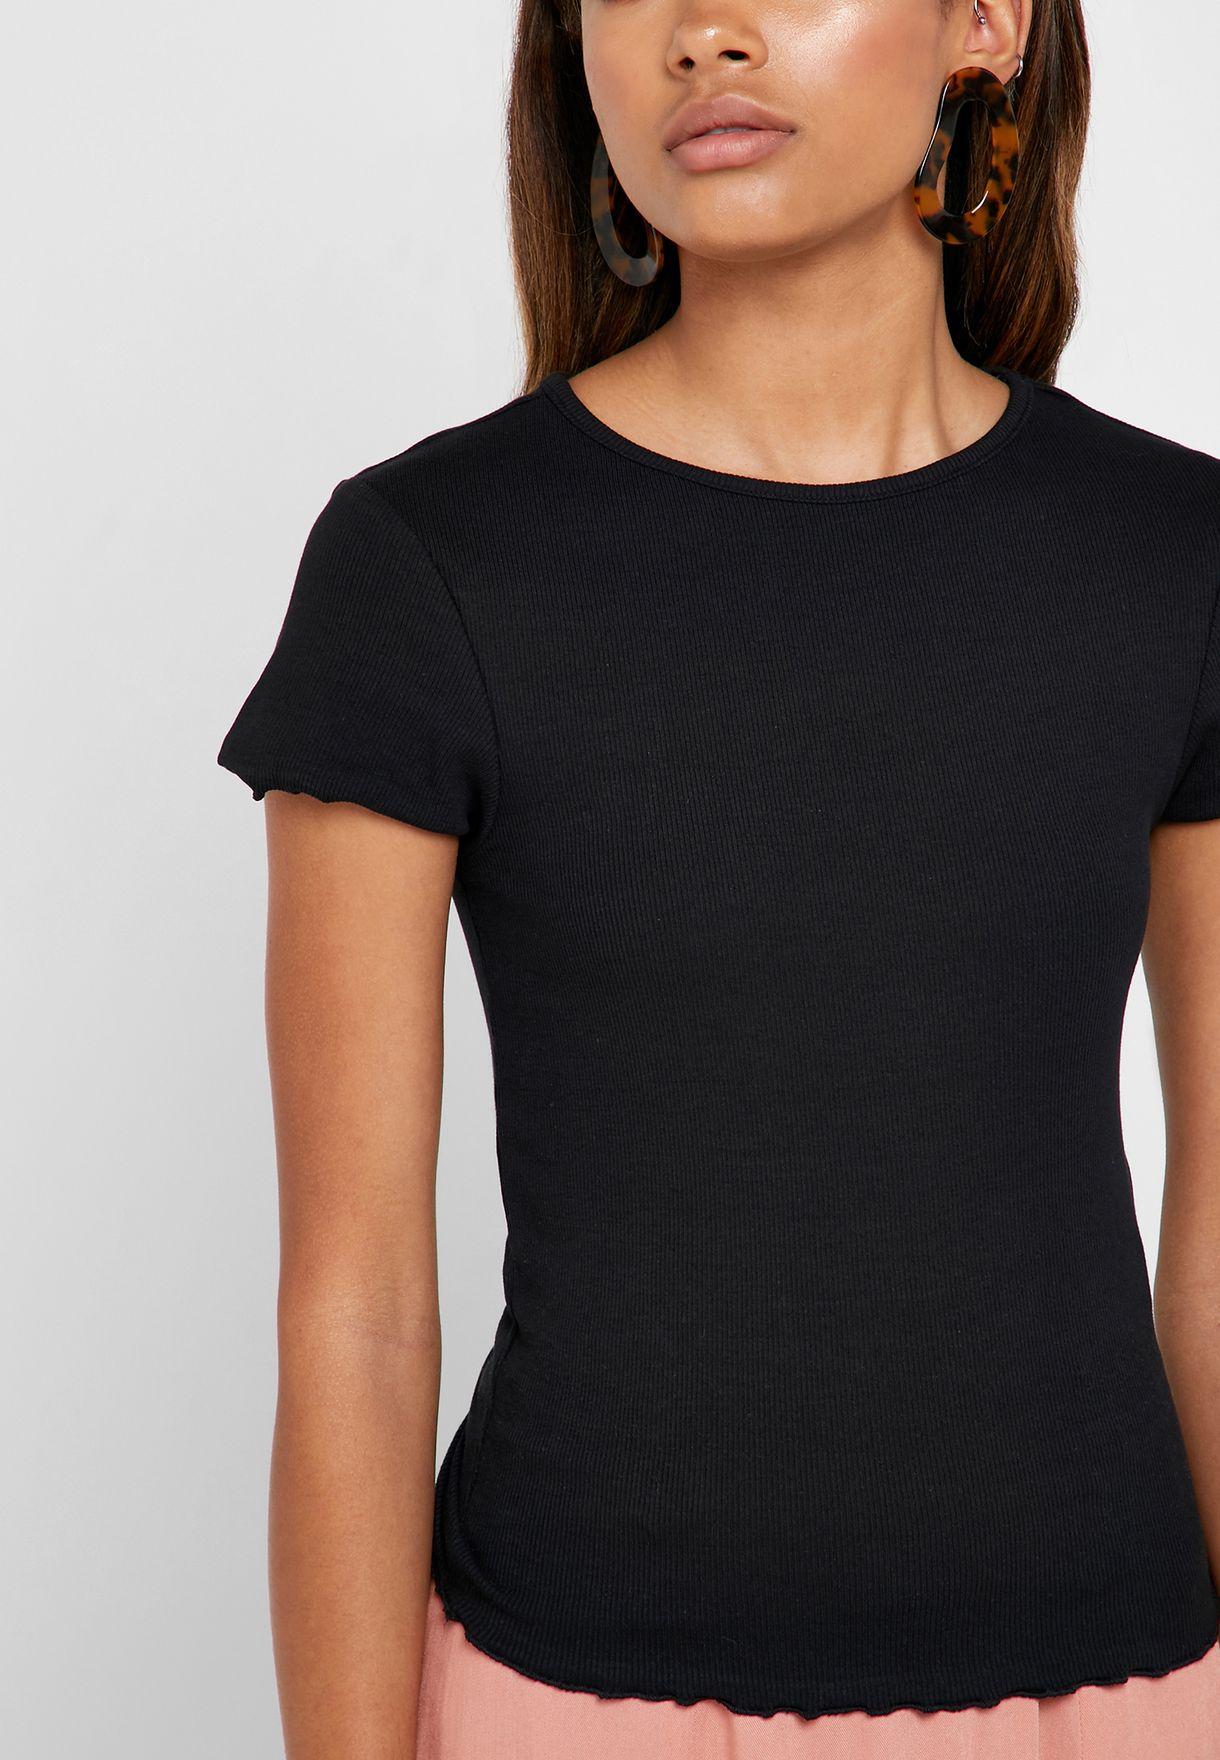 Lettuce Edge Ribbed T-Shirt